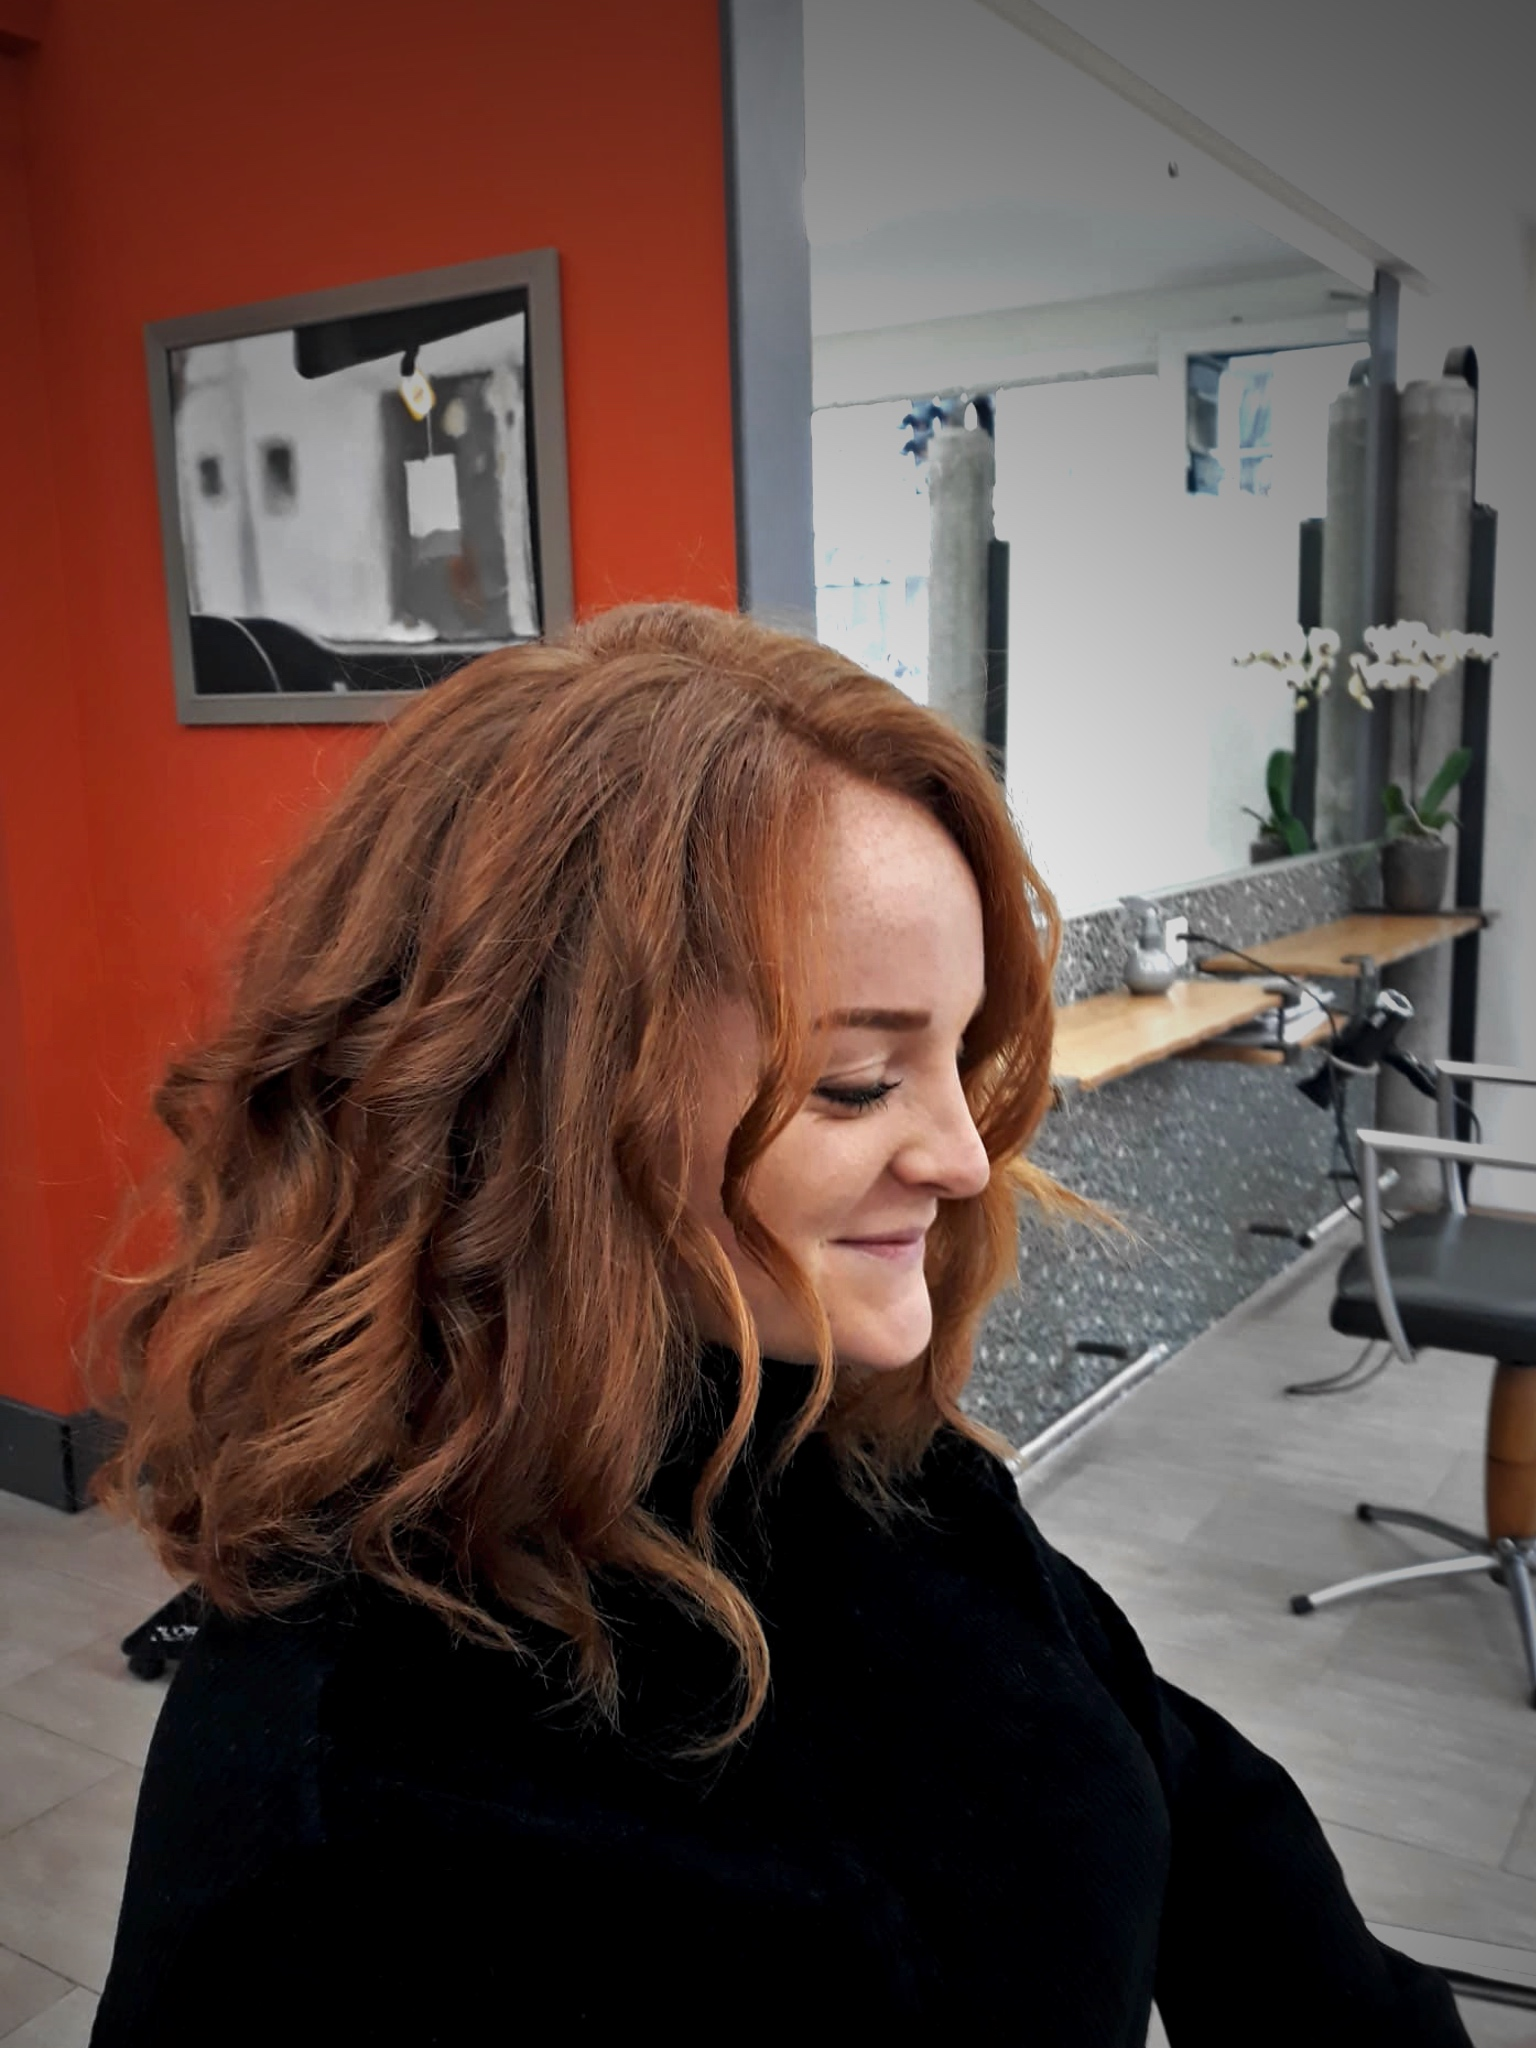 Femme_cheveux_roux 1a